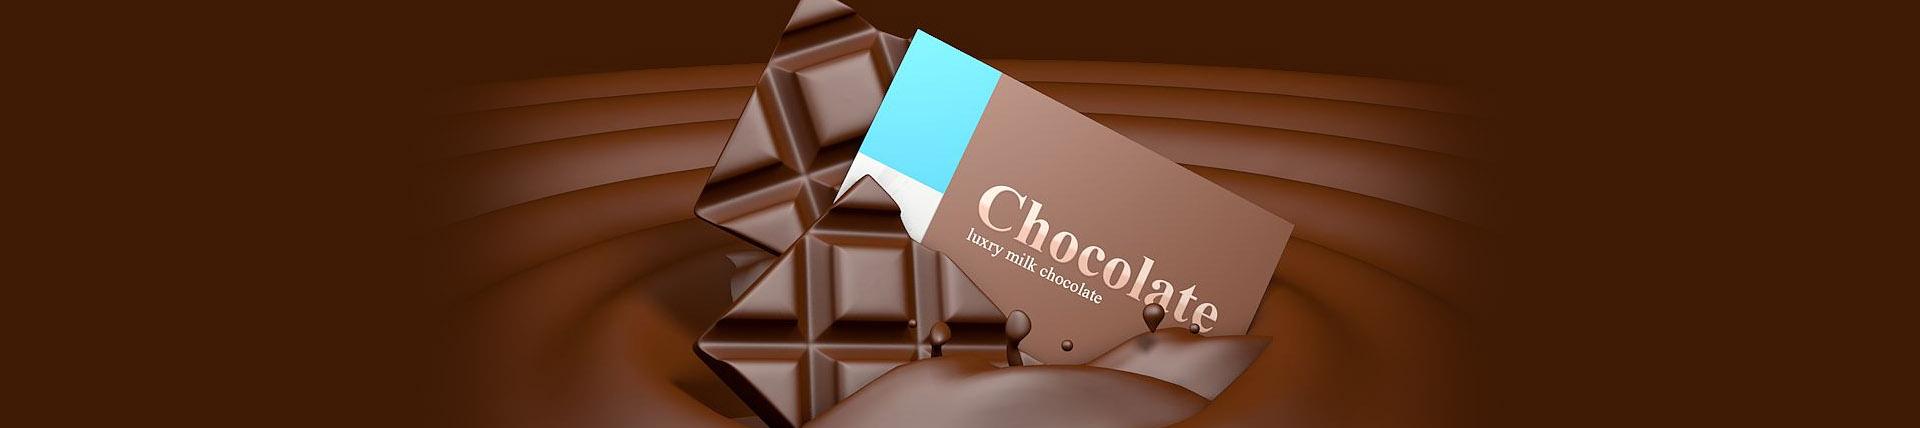 """重磅!""""巧克力""""單詞米Chocolate.com七位數美金成交"""